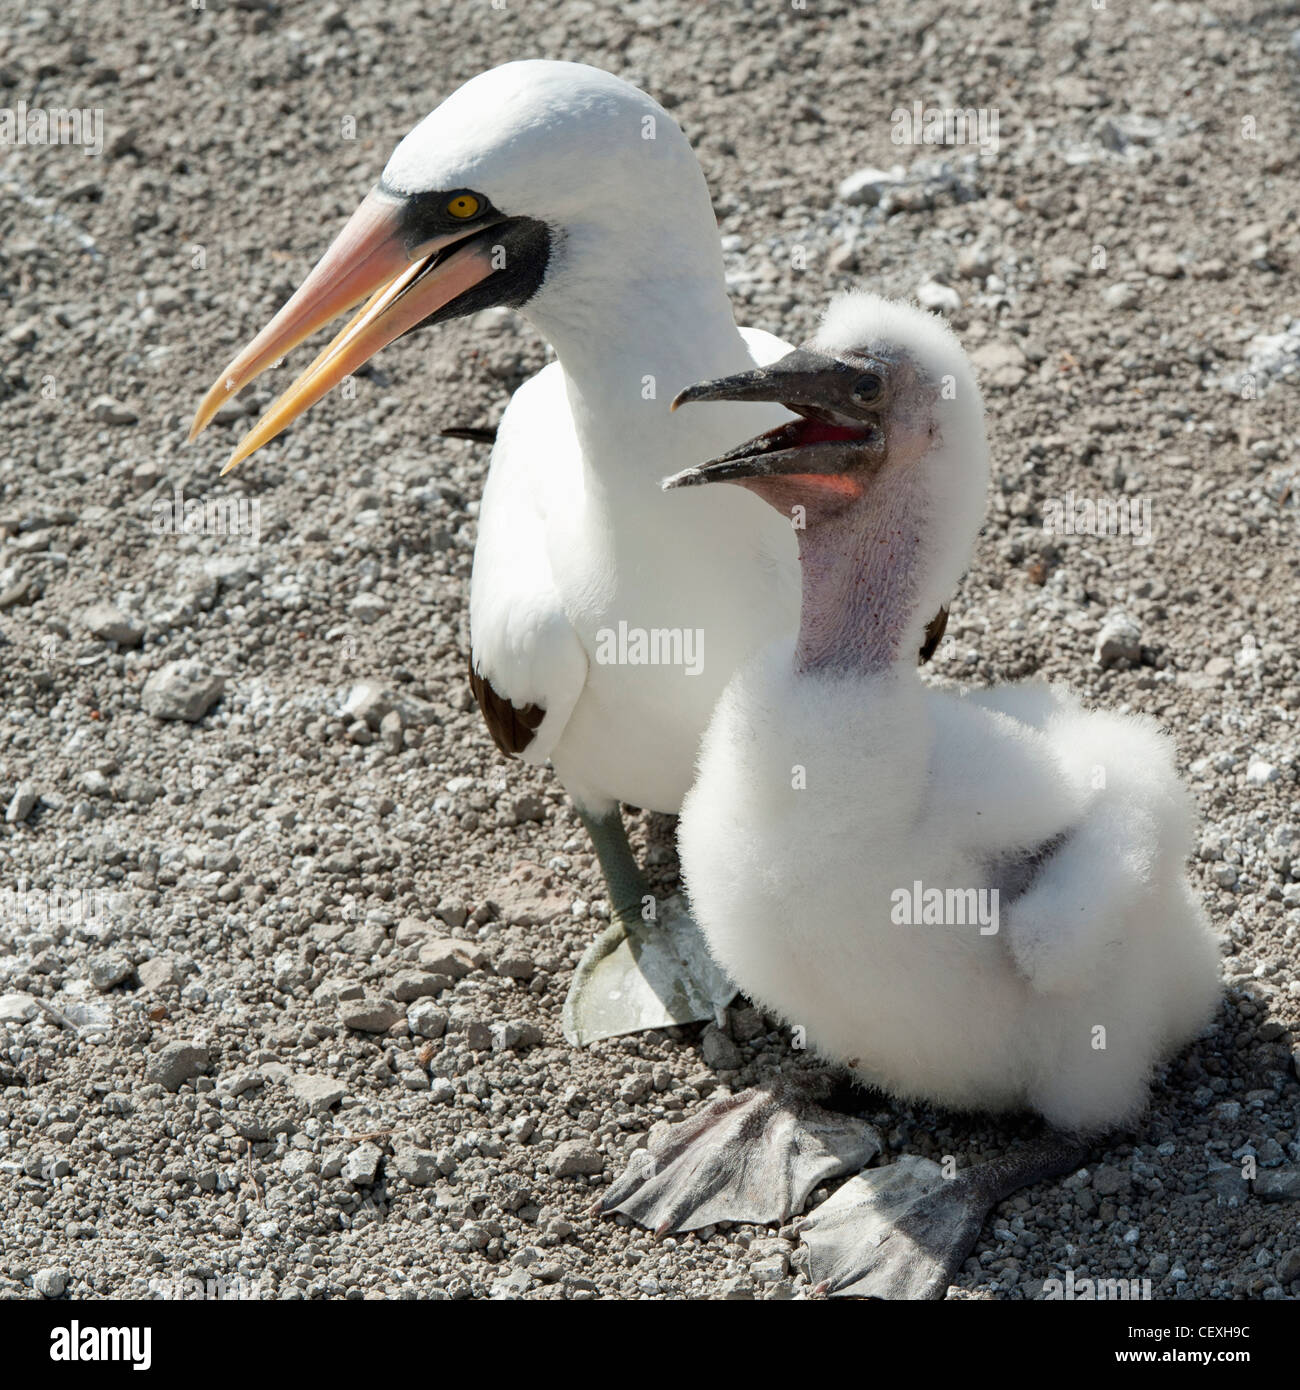 Talking Bird Stock Photos & Talking Bird Stock Images - Alamy